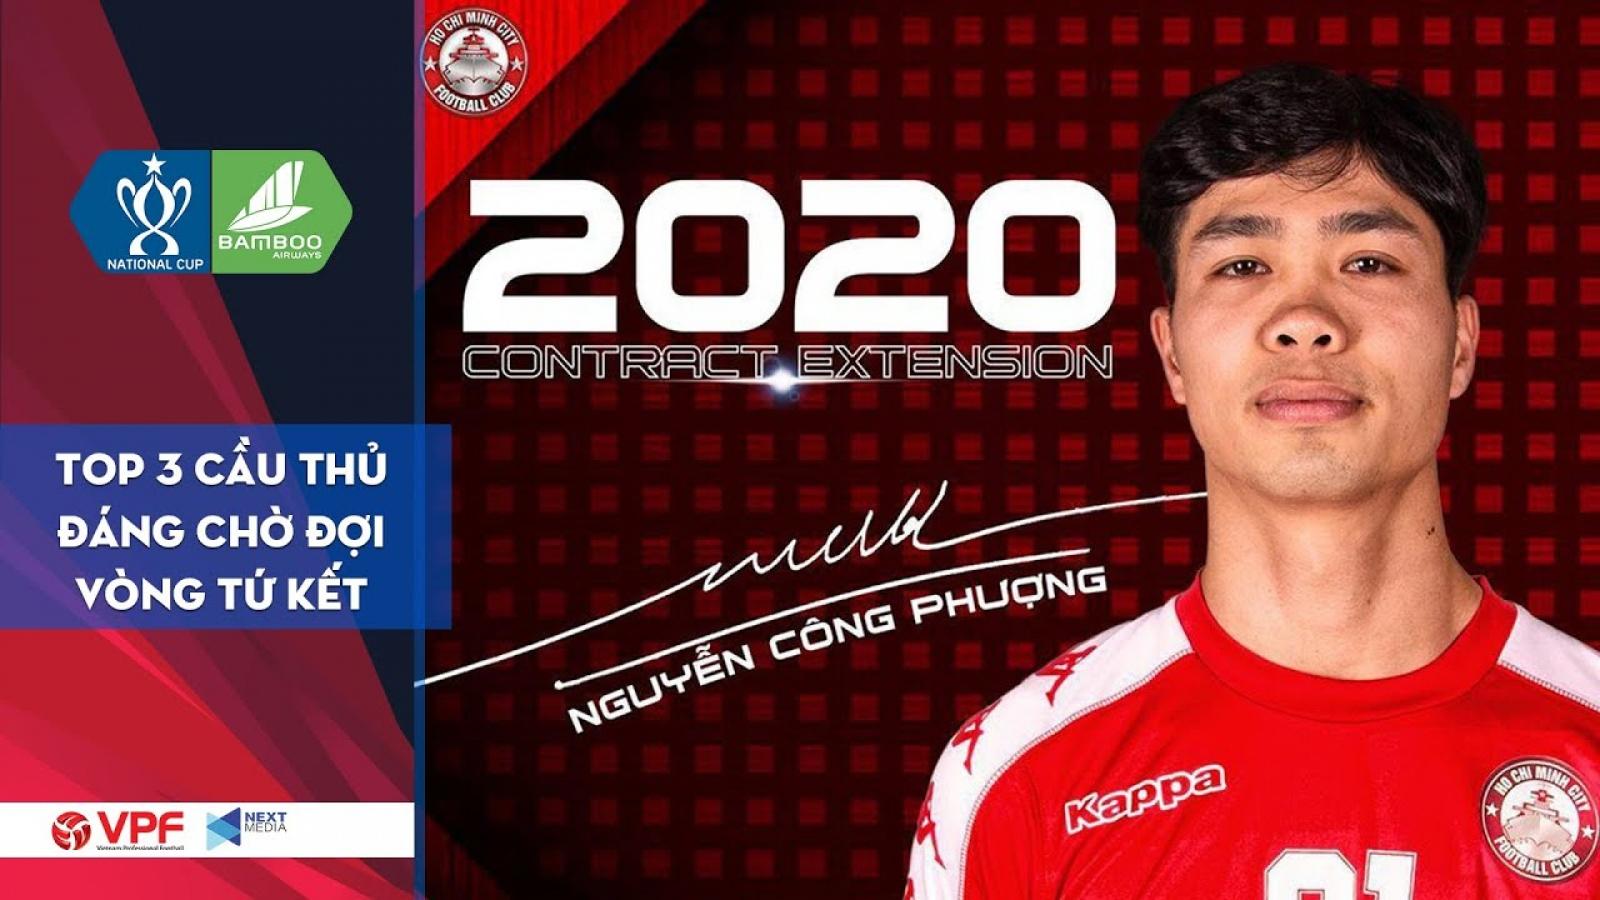 Công Phượng và top 3 cầu thủ đáng xem nhất tứ kết Cúp Quốc gia 2020